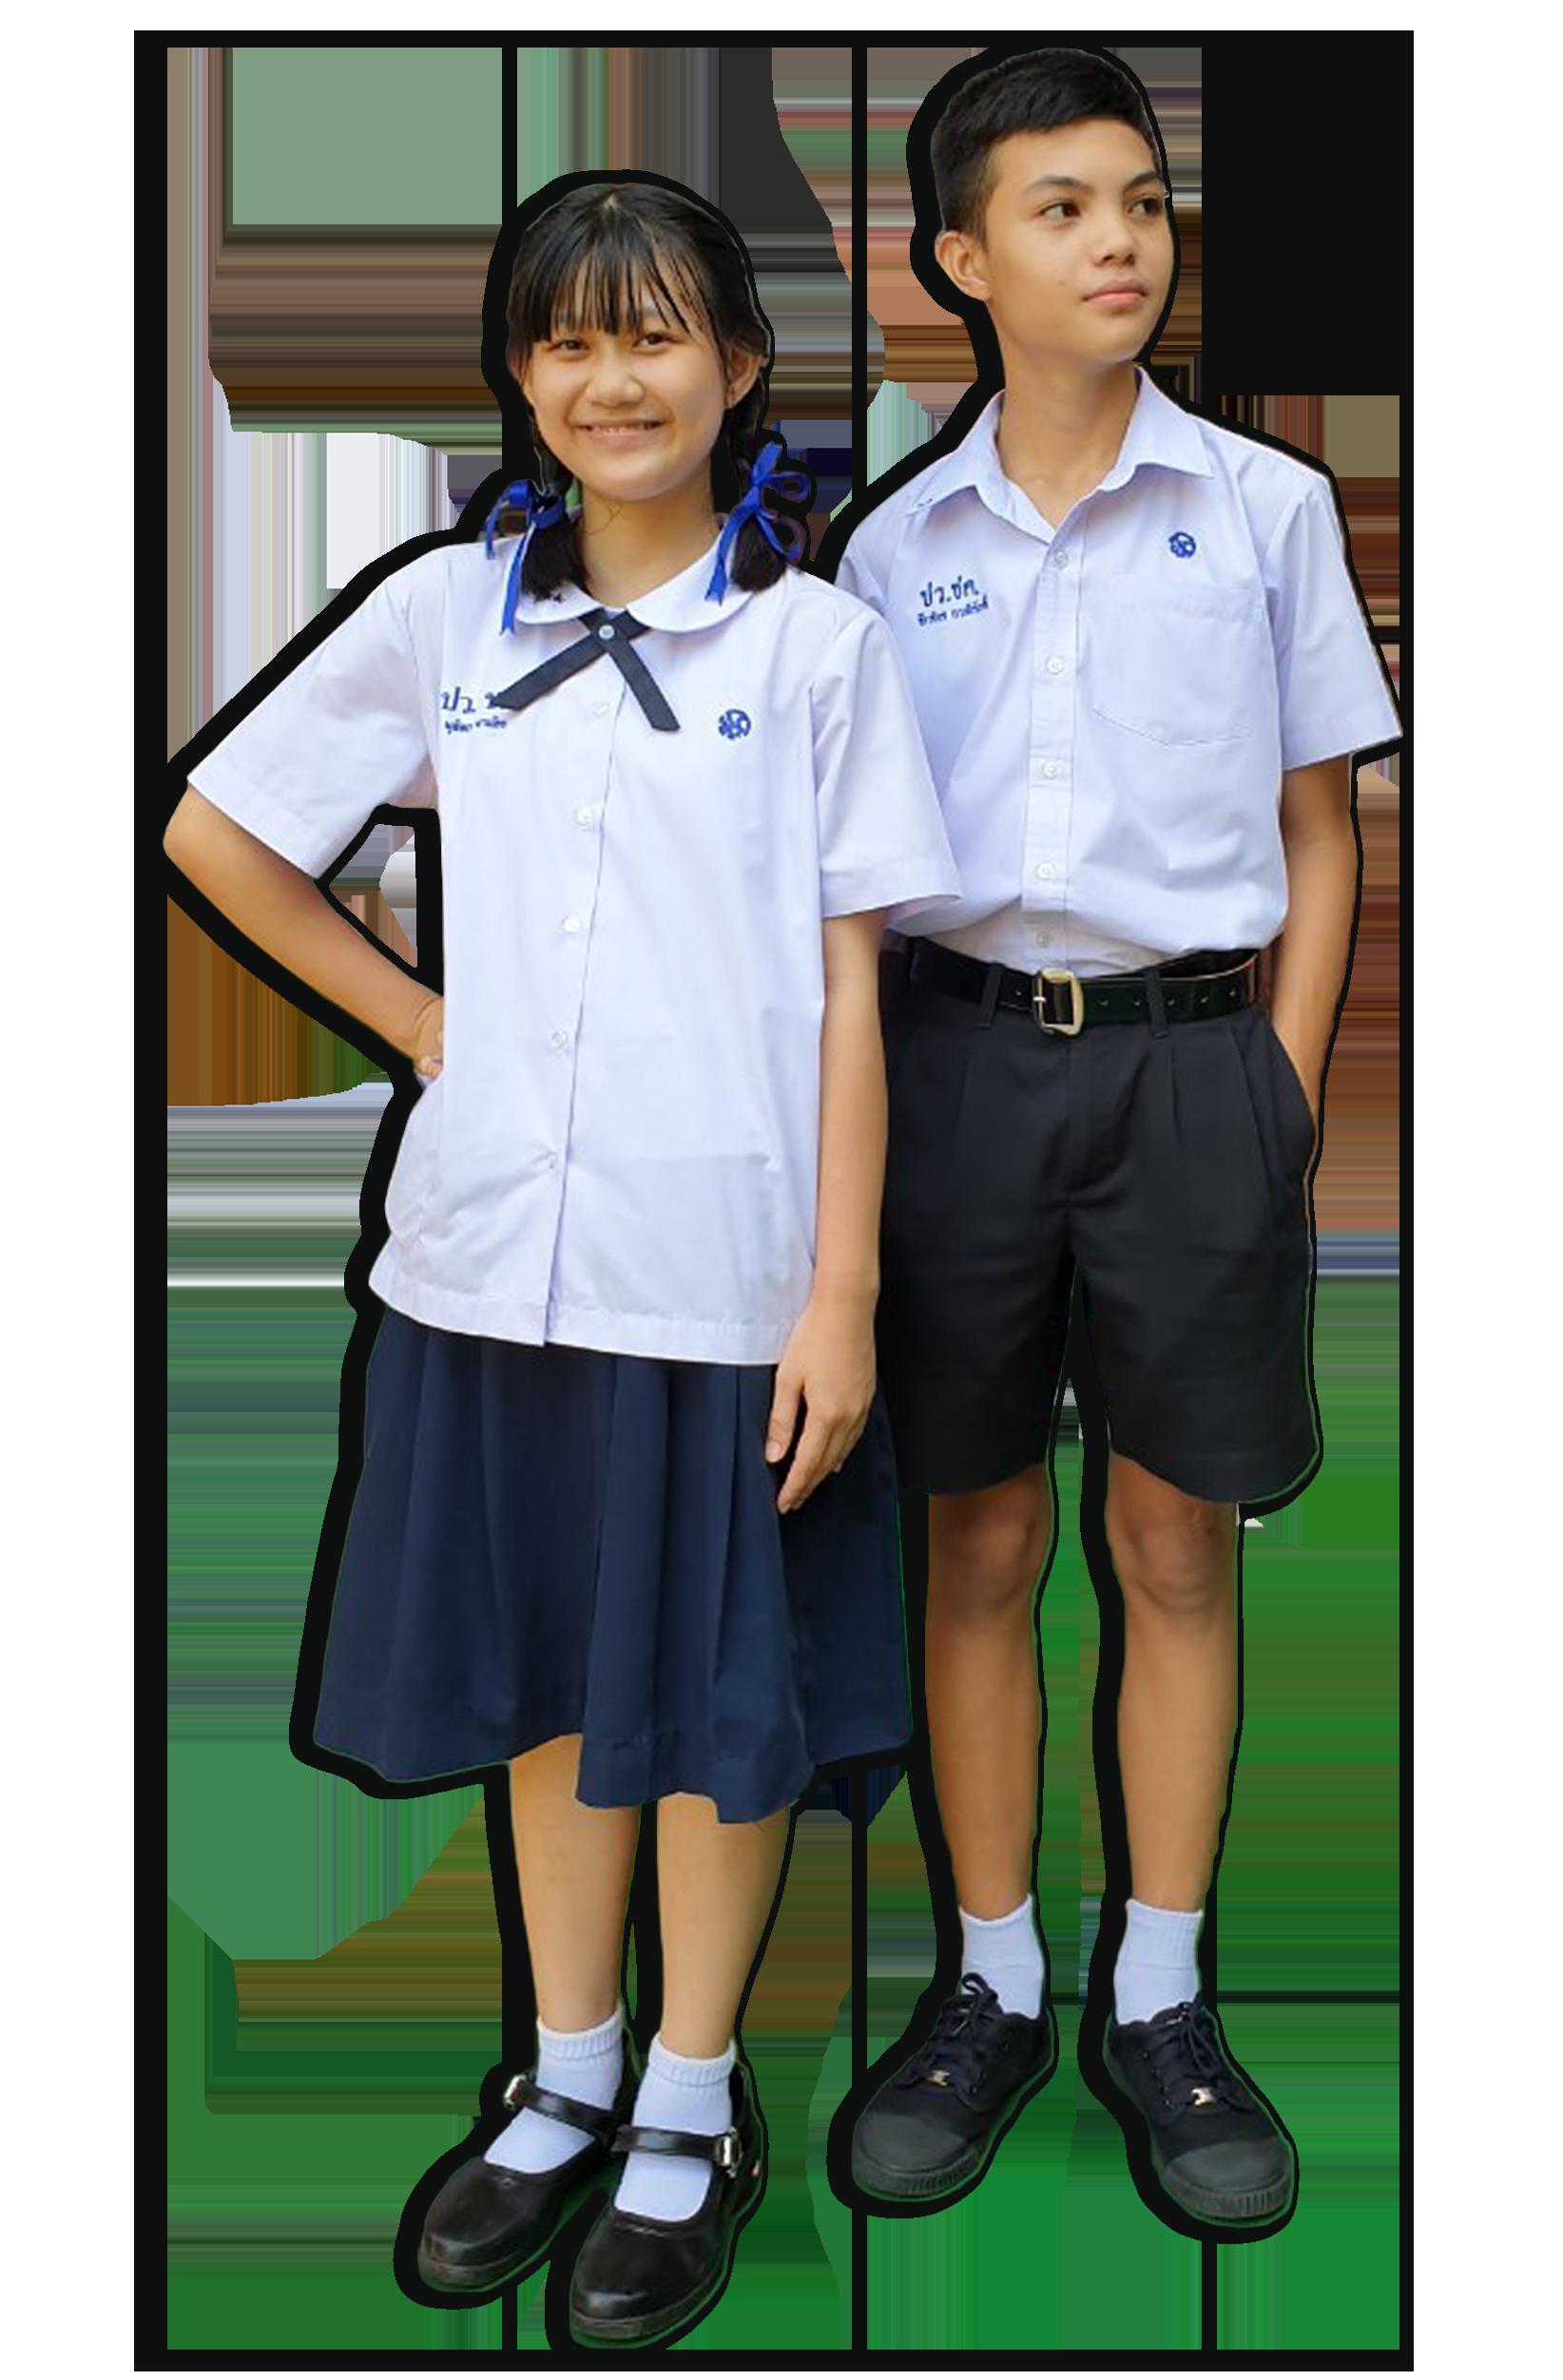 ชุดนักเรียนระดับชั้นมัธยมศึกษา